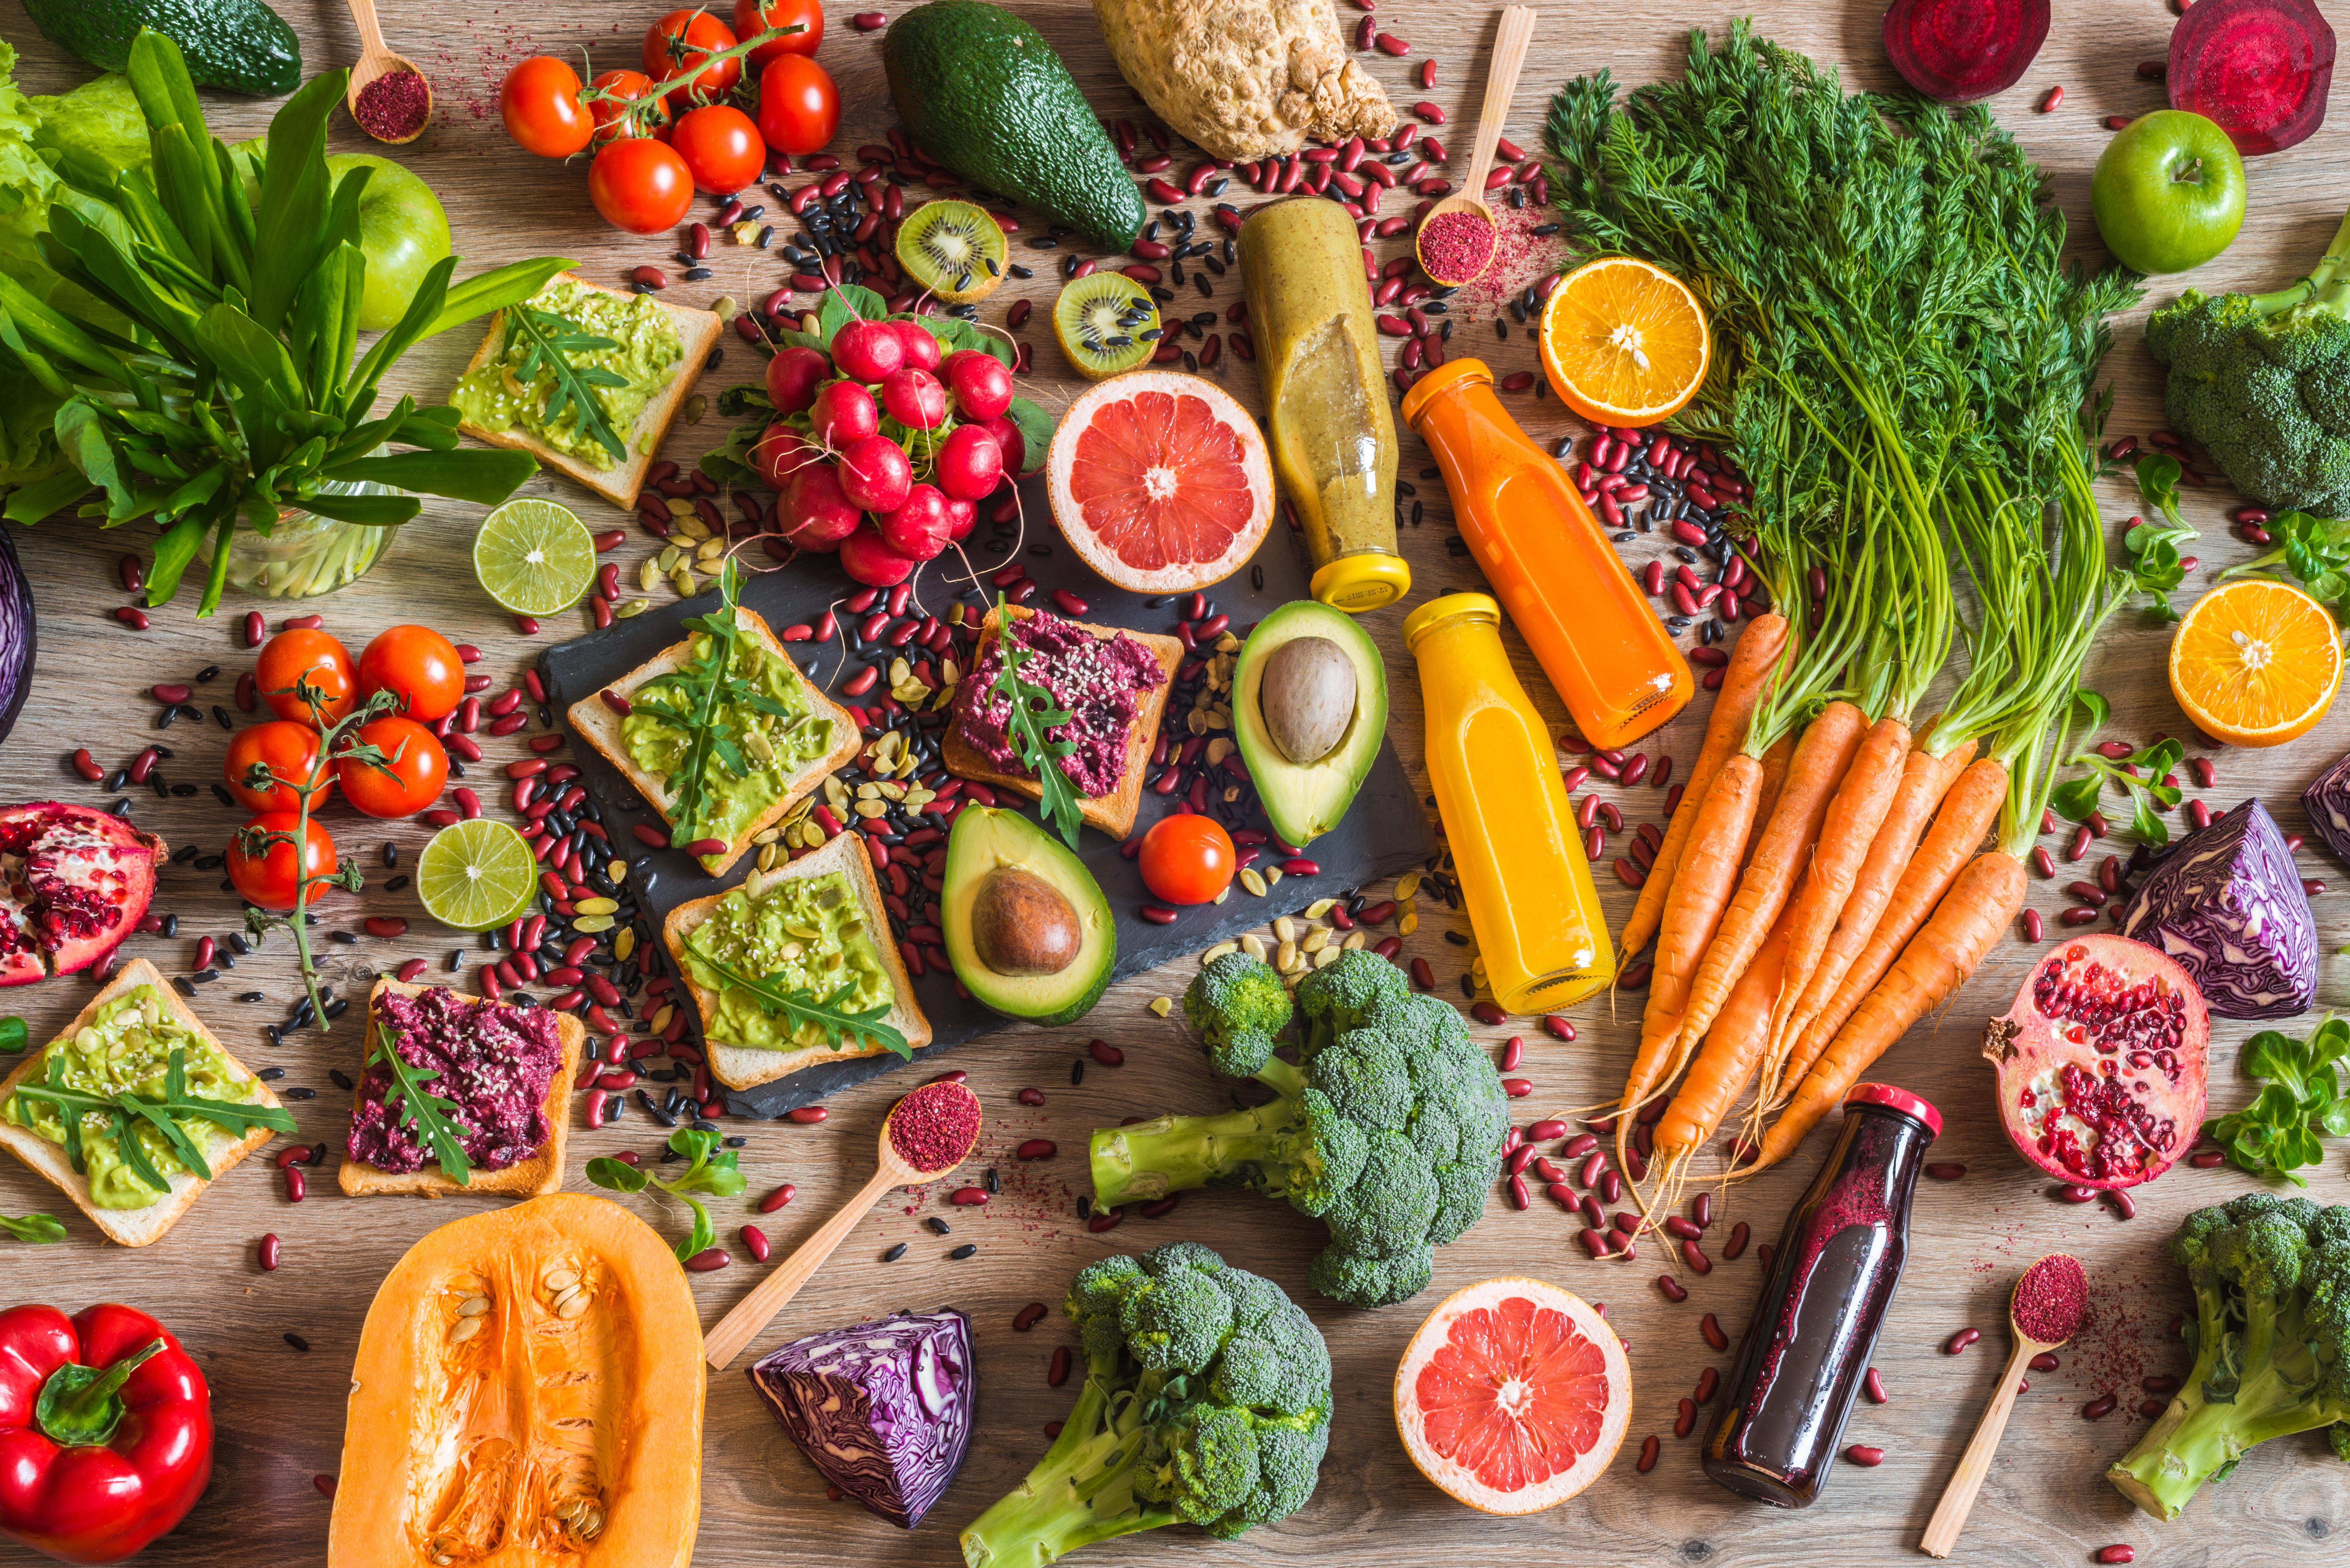 What Is the Best Diet to Lose Weight l Best Meal Plan for Weight Loss l Most popular diets for everyone l Mediterranean Diet l DASH Diet l Weight Watchers Diet l Volumetrics Diet l Ornish Diet l Vegan Diet